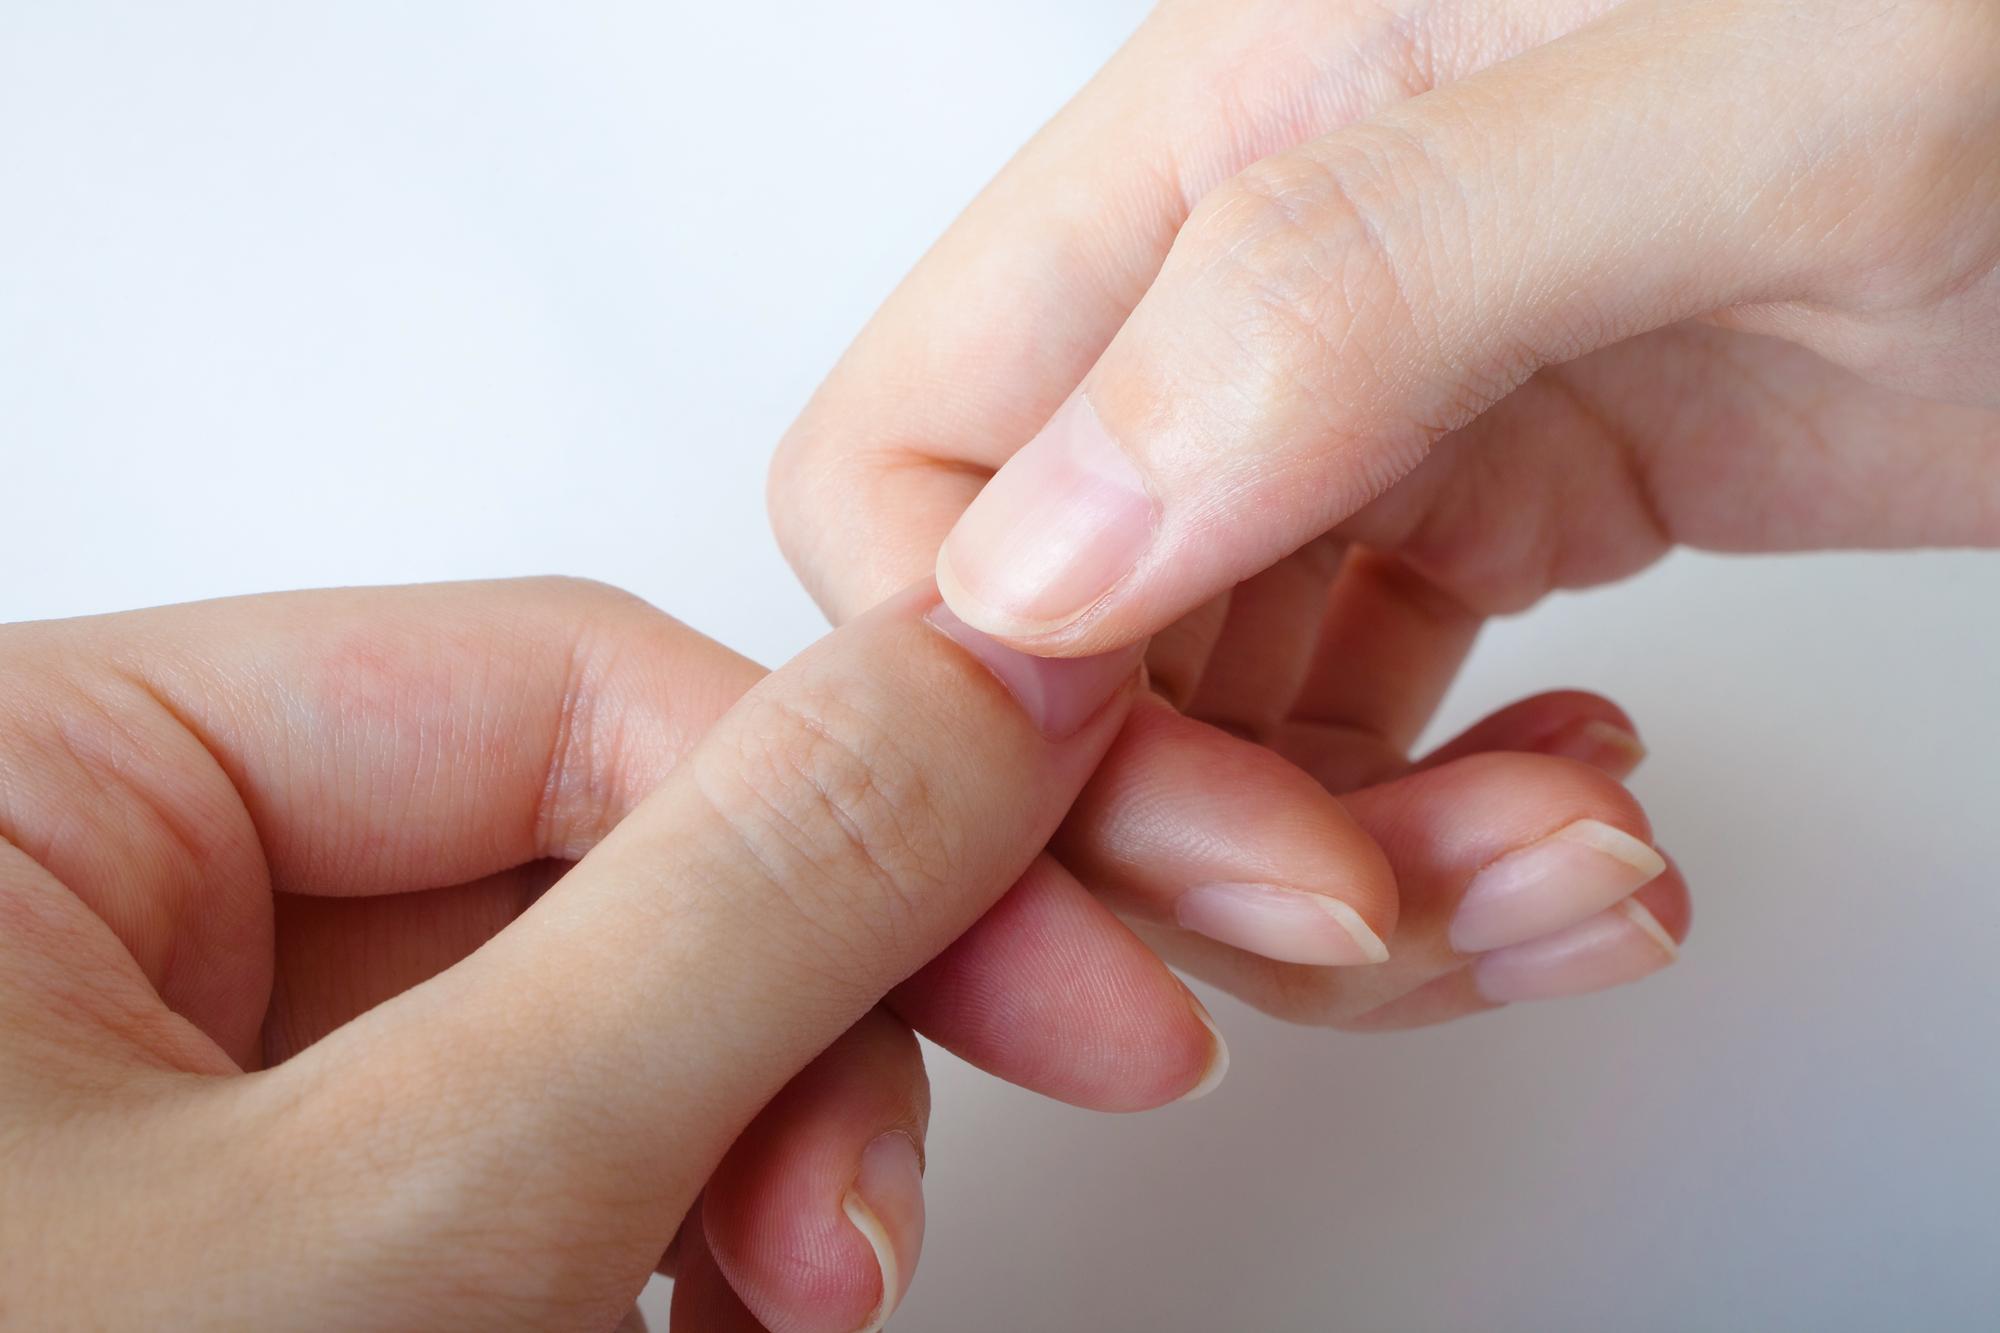 ジェルネイルオフも爪を痛める原因の一つ